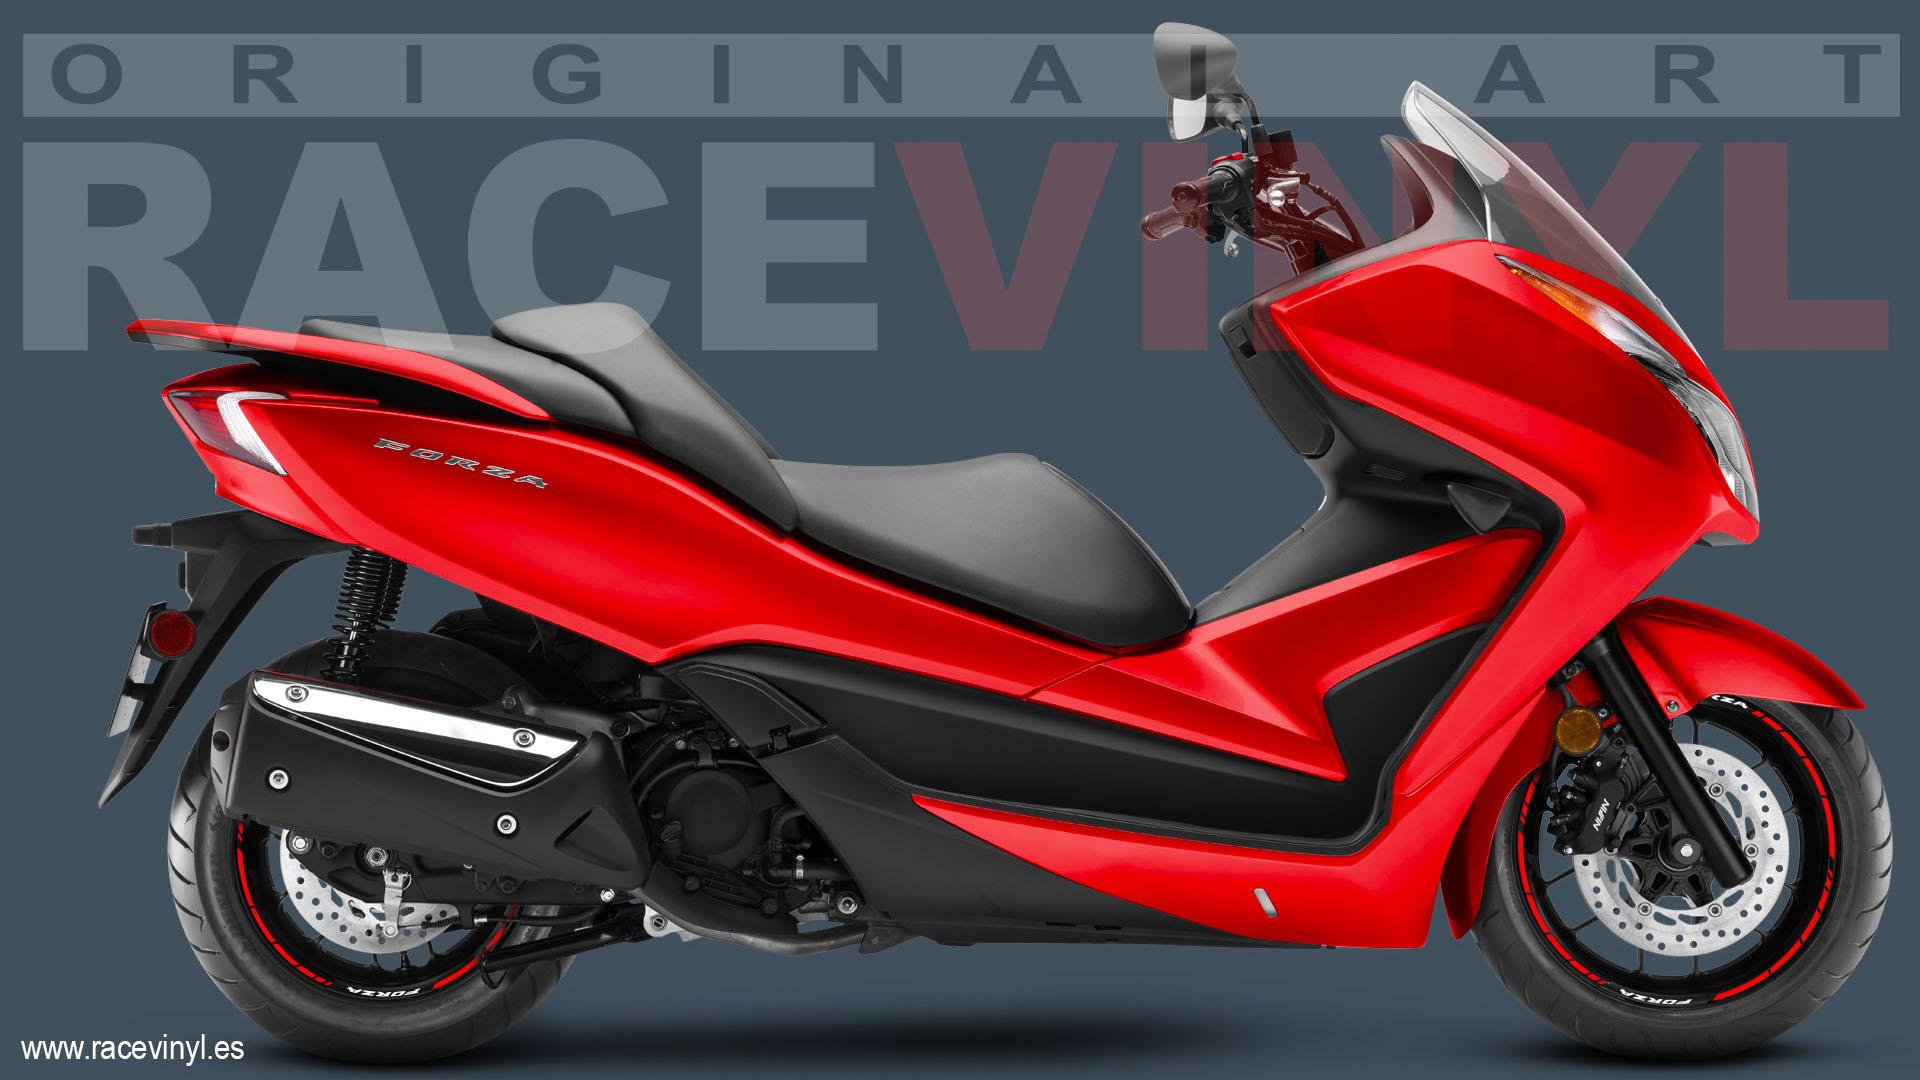 New Stripes Kit With Honda Forza Logos